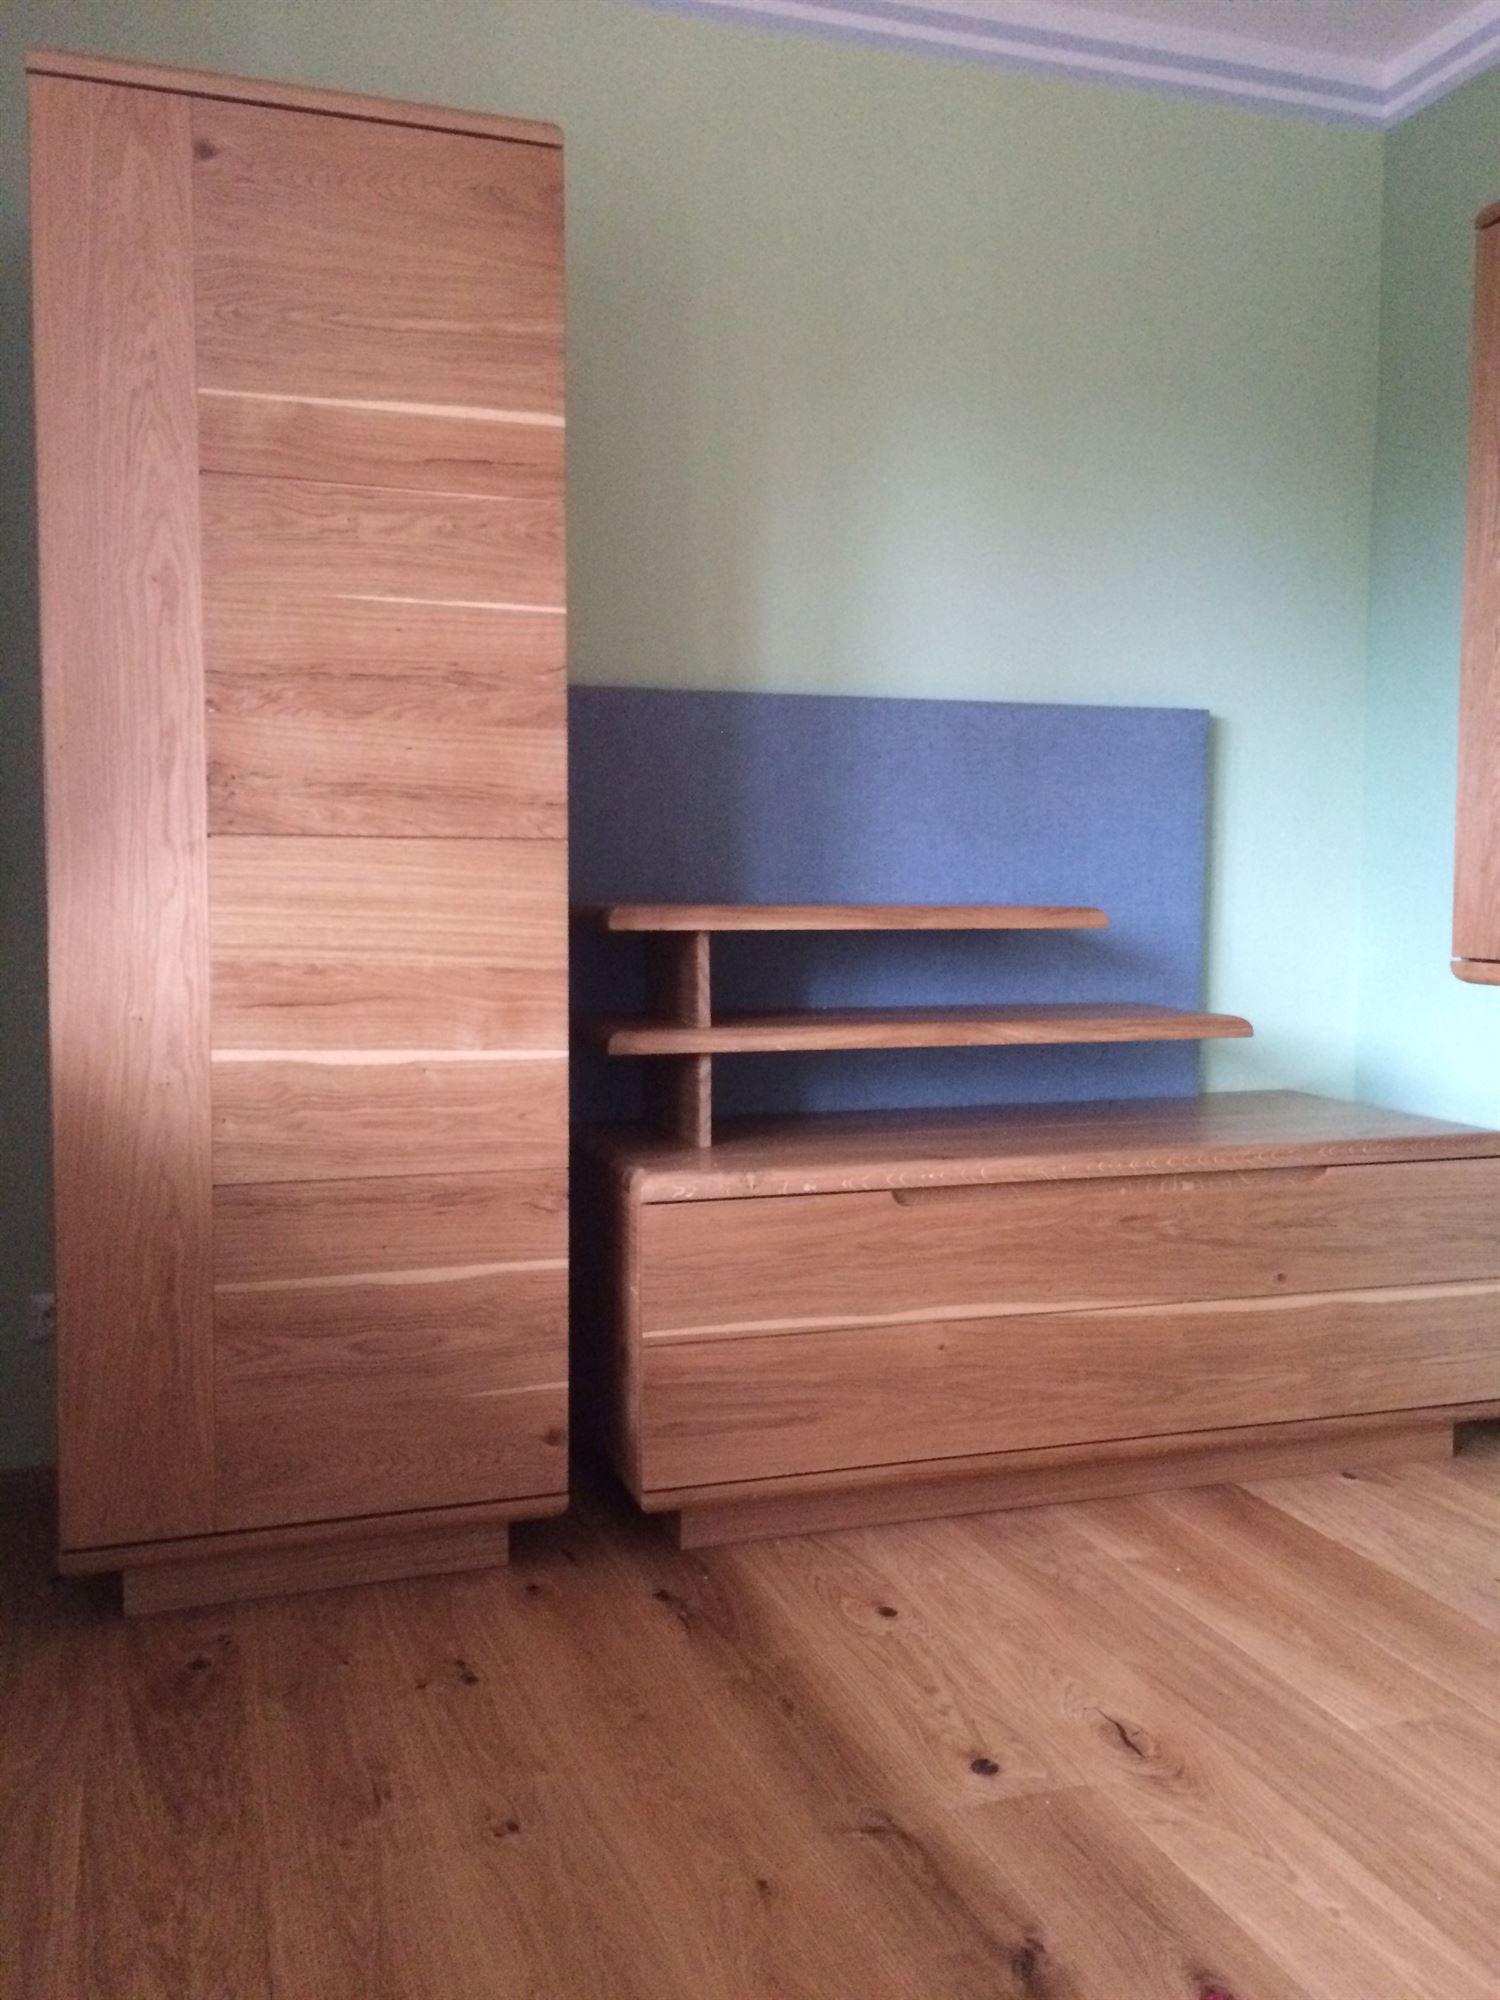 zusatzeinrichtung-im-saunabereich-005